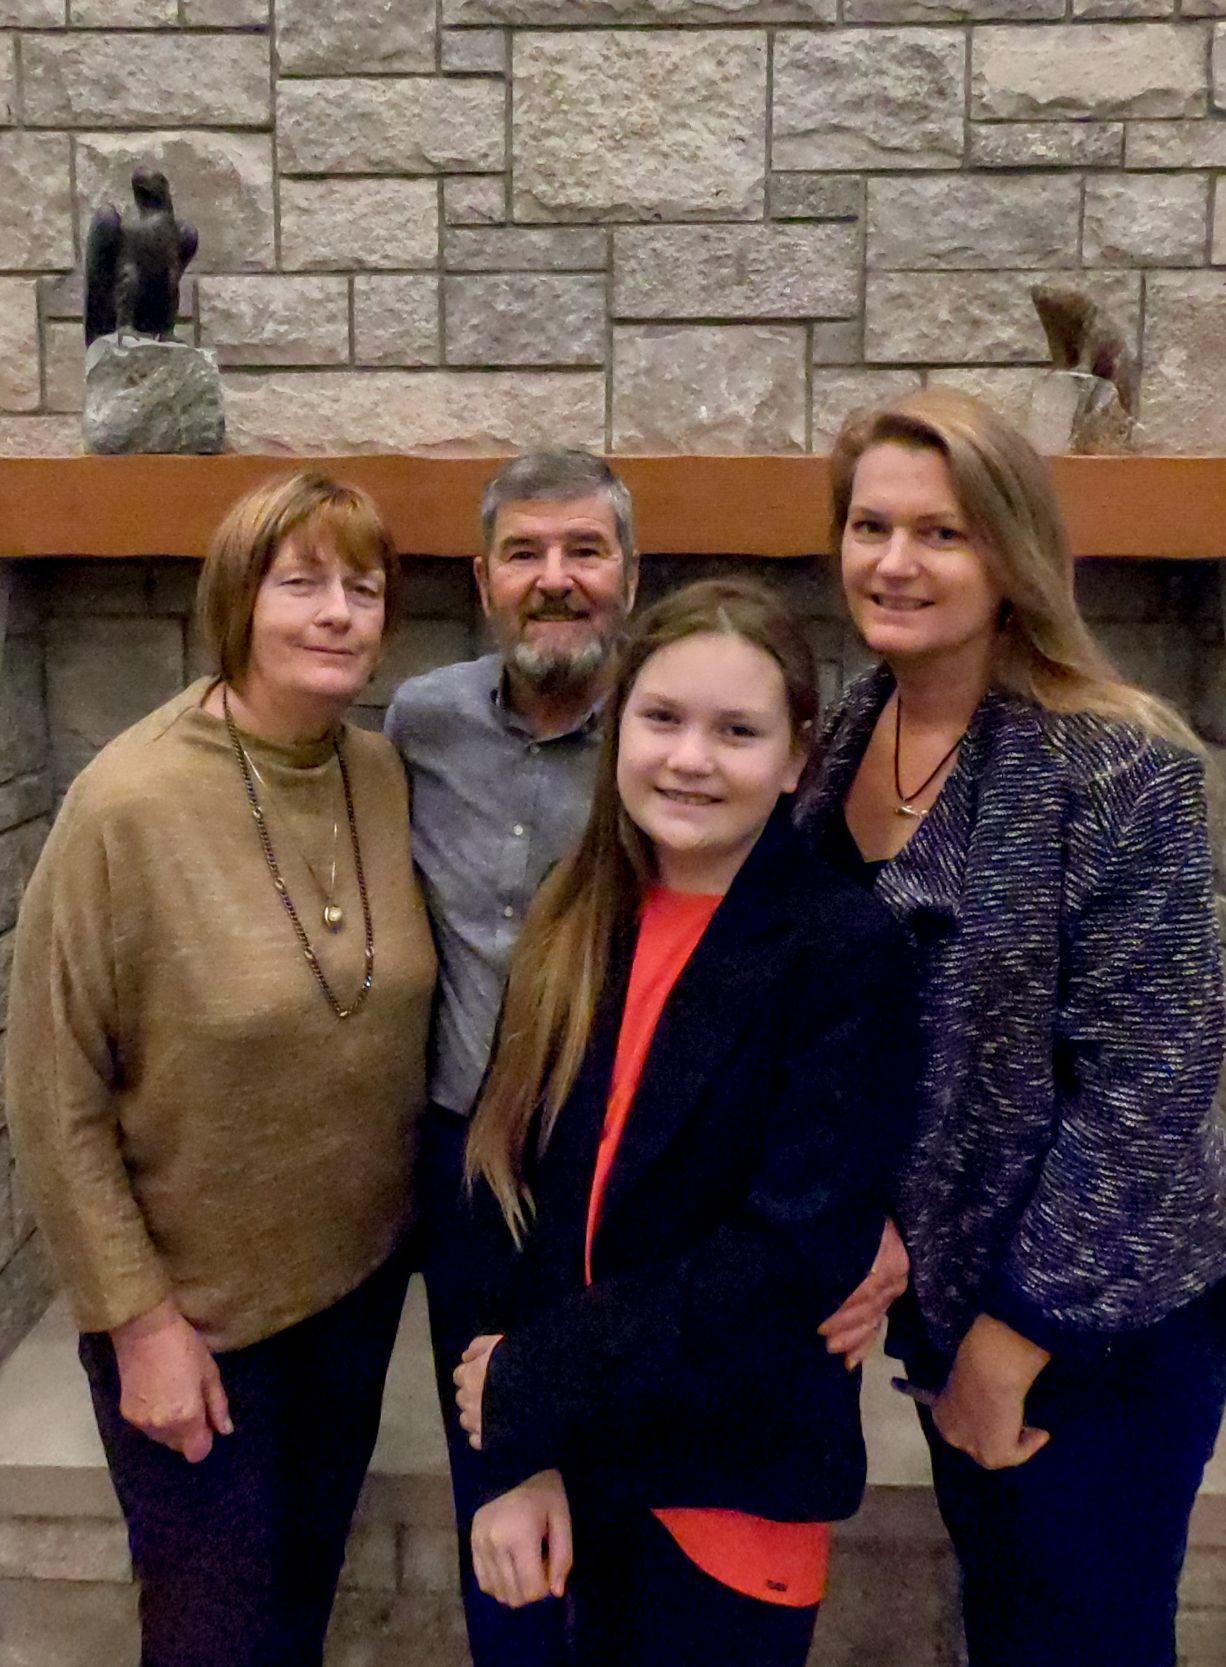 family photo Sept 18 2020